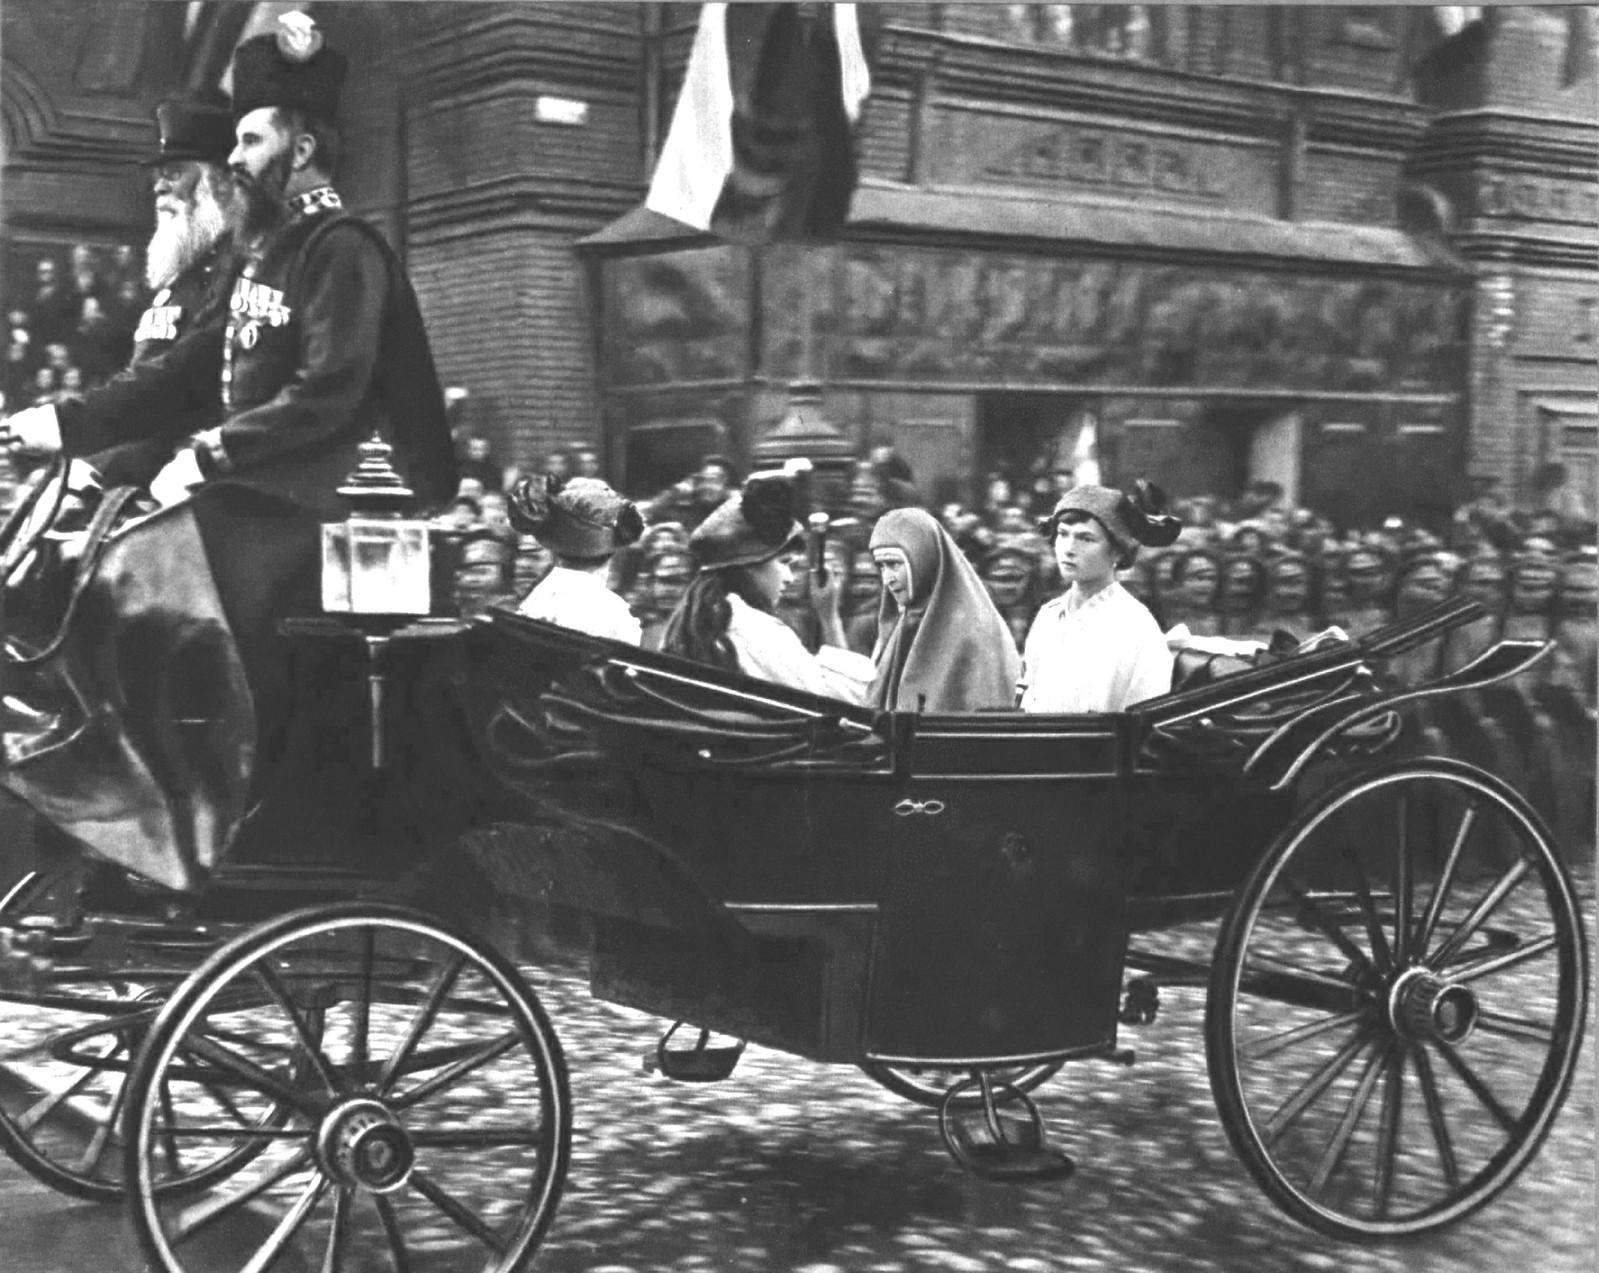 Ее Императорское Высочество Великая Княгиня Елизавета Федоровна и Августейшие дети Их Императорских Величеств